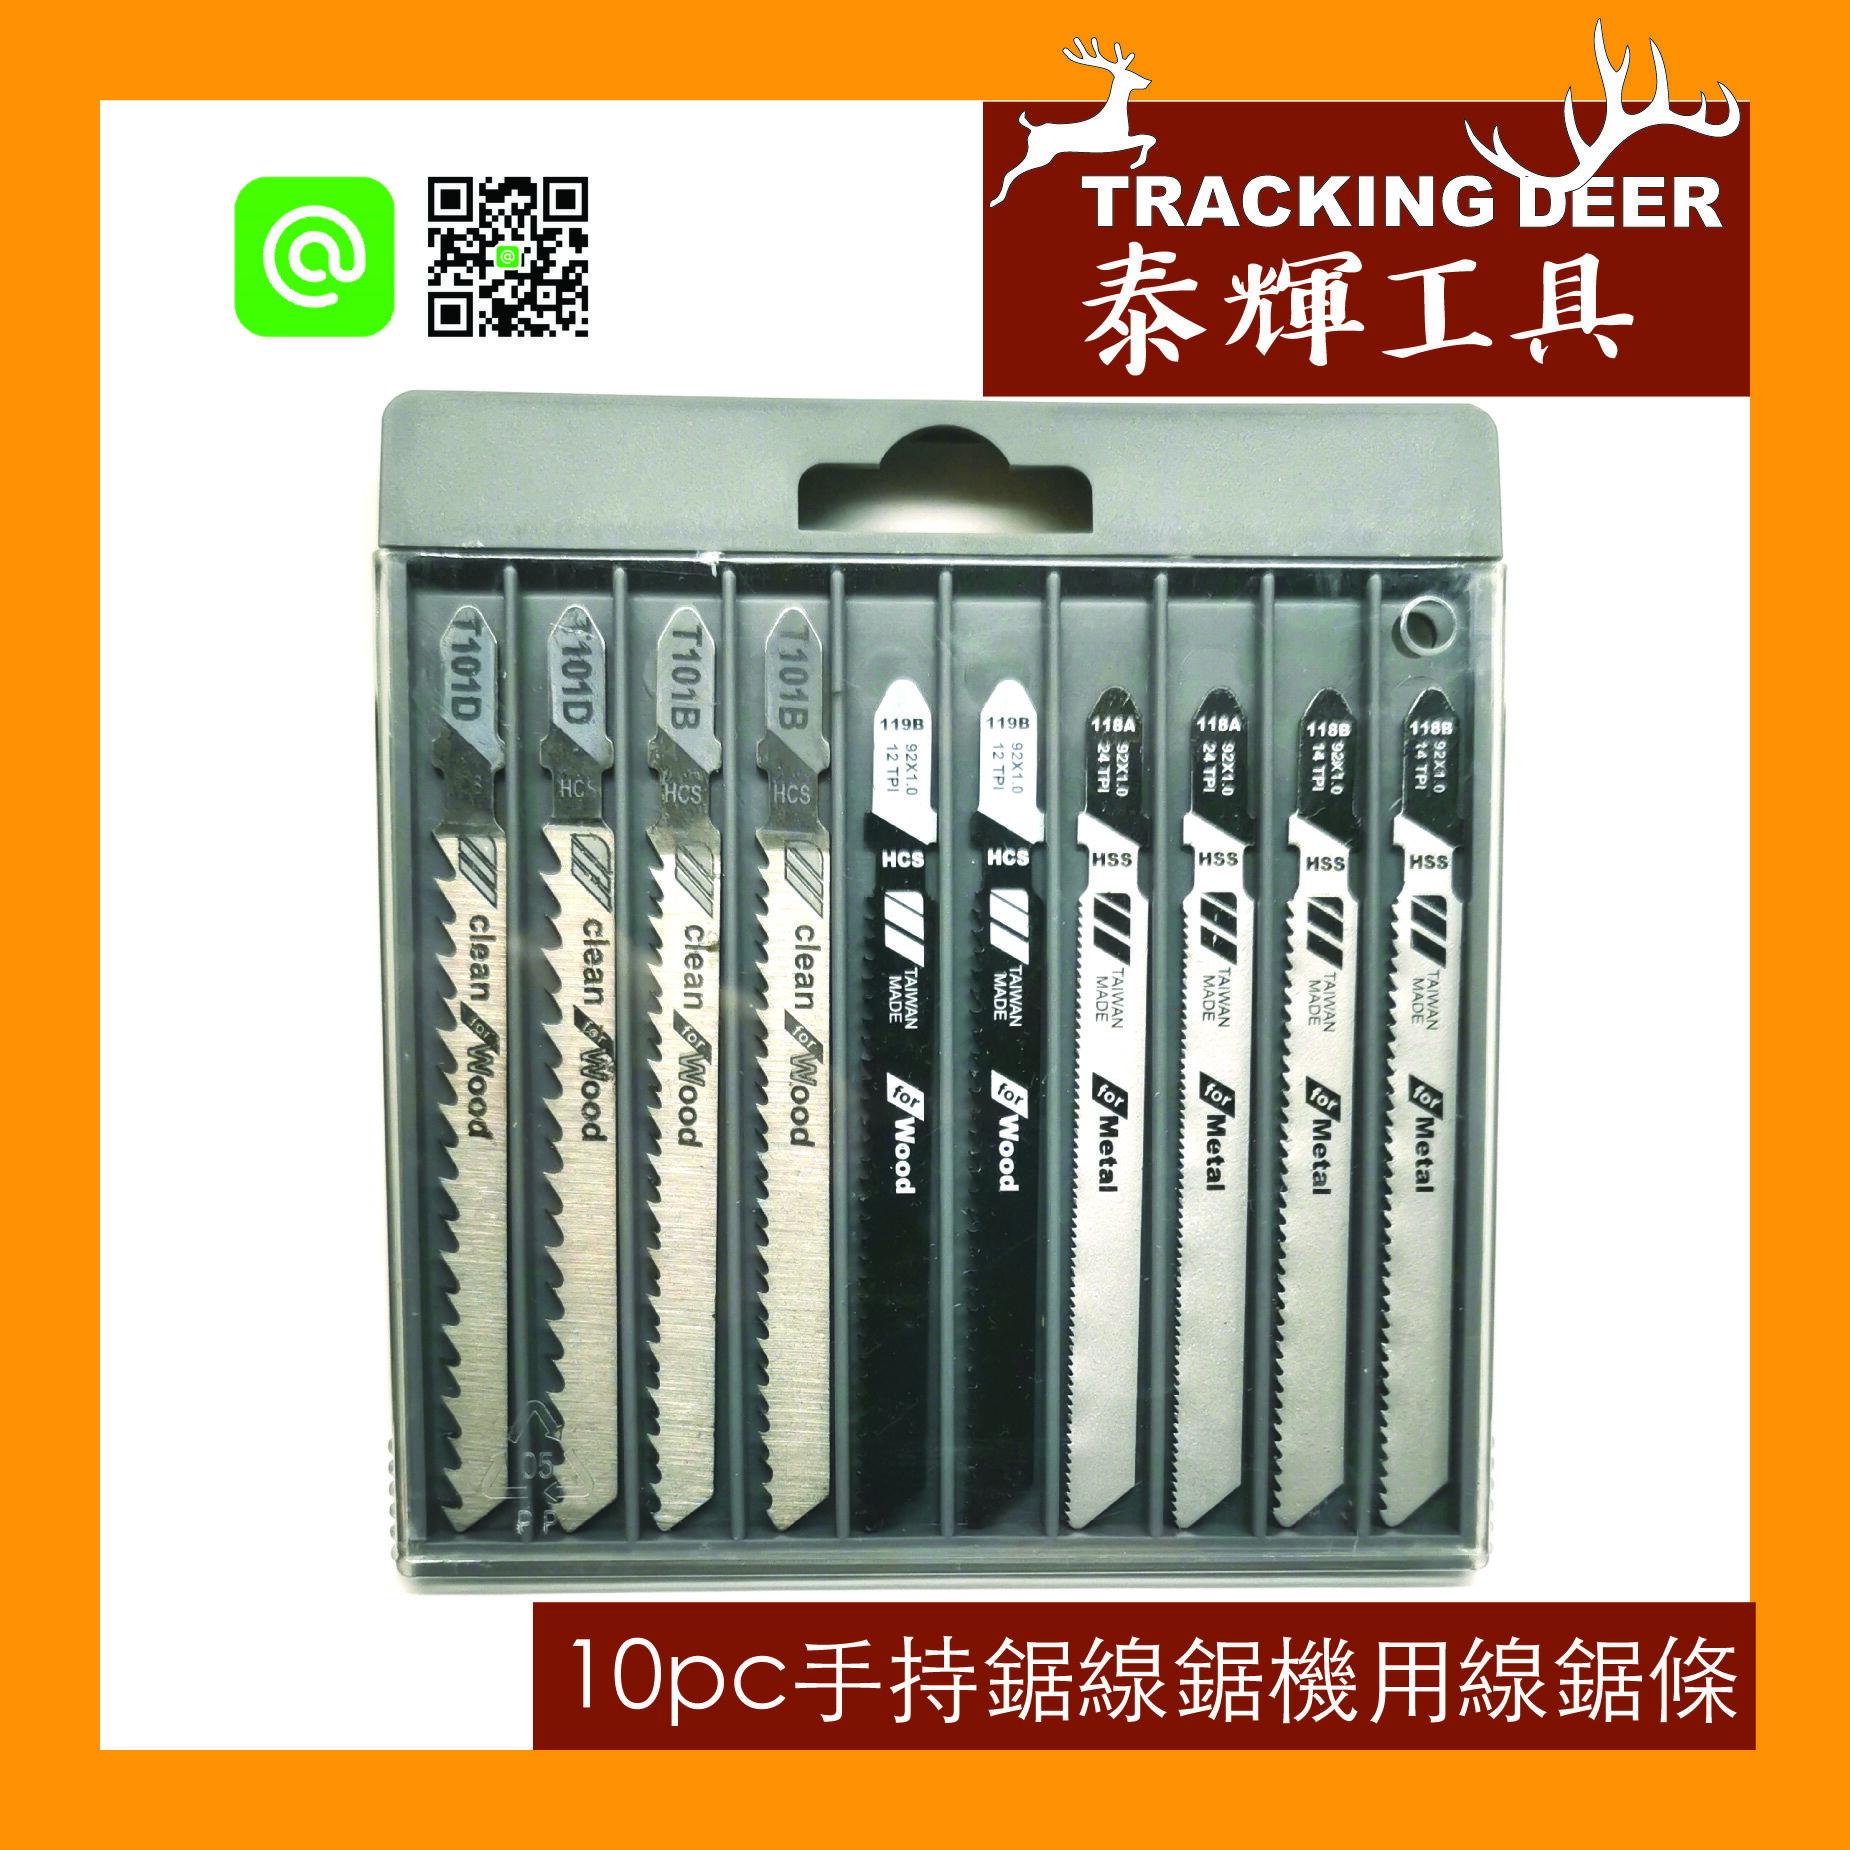 台灣製造 金工用 木工用 Bosch規格【10PC 線鋸片組】曲線鋸 手持線鋸機適用(10支/組) JS-1004